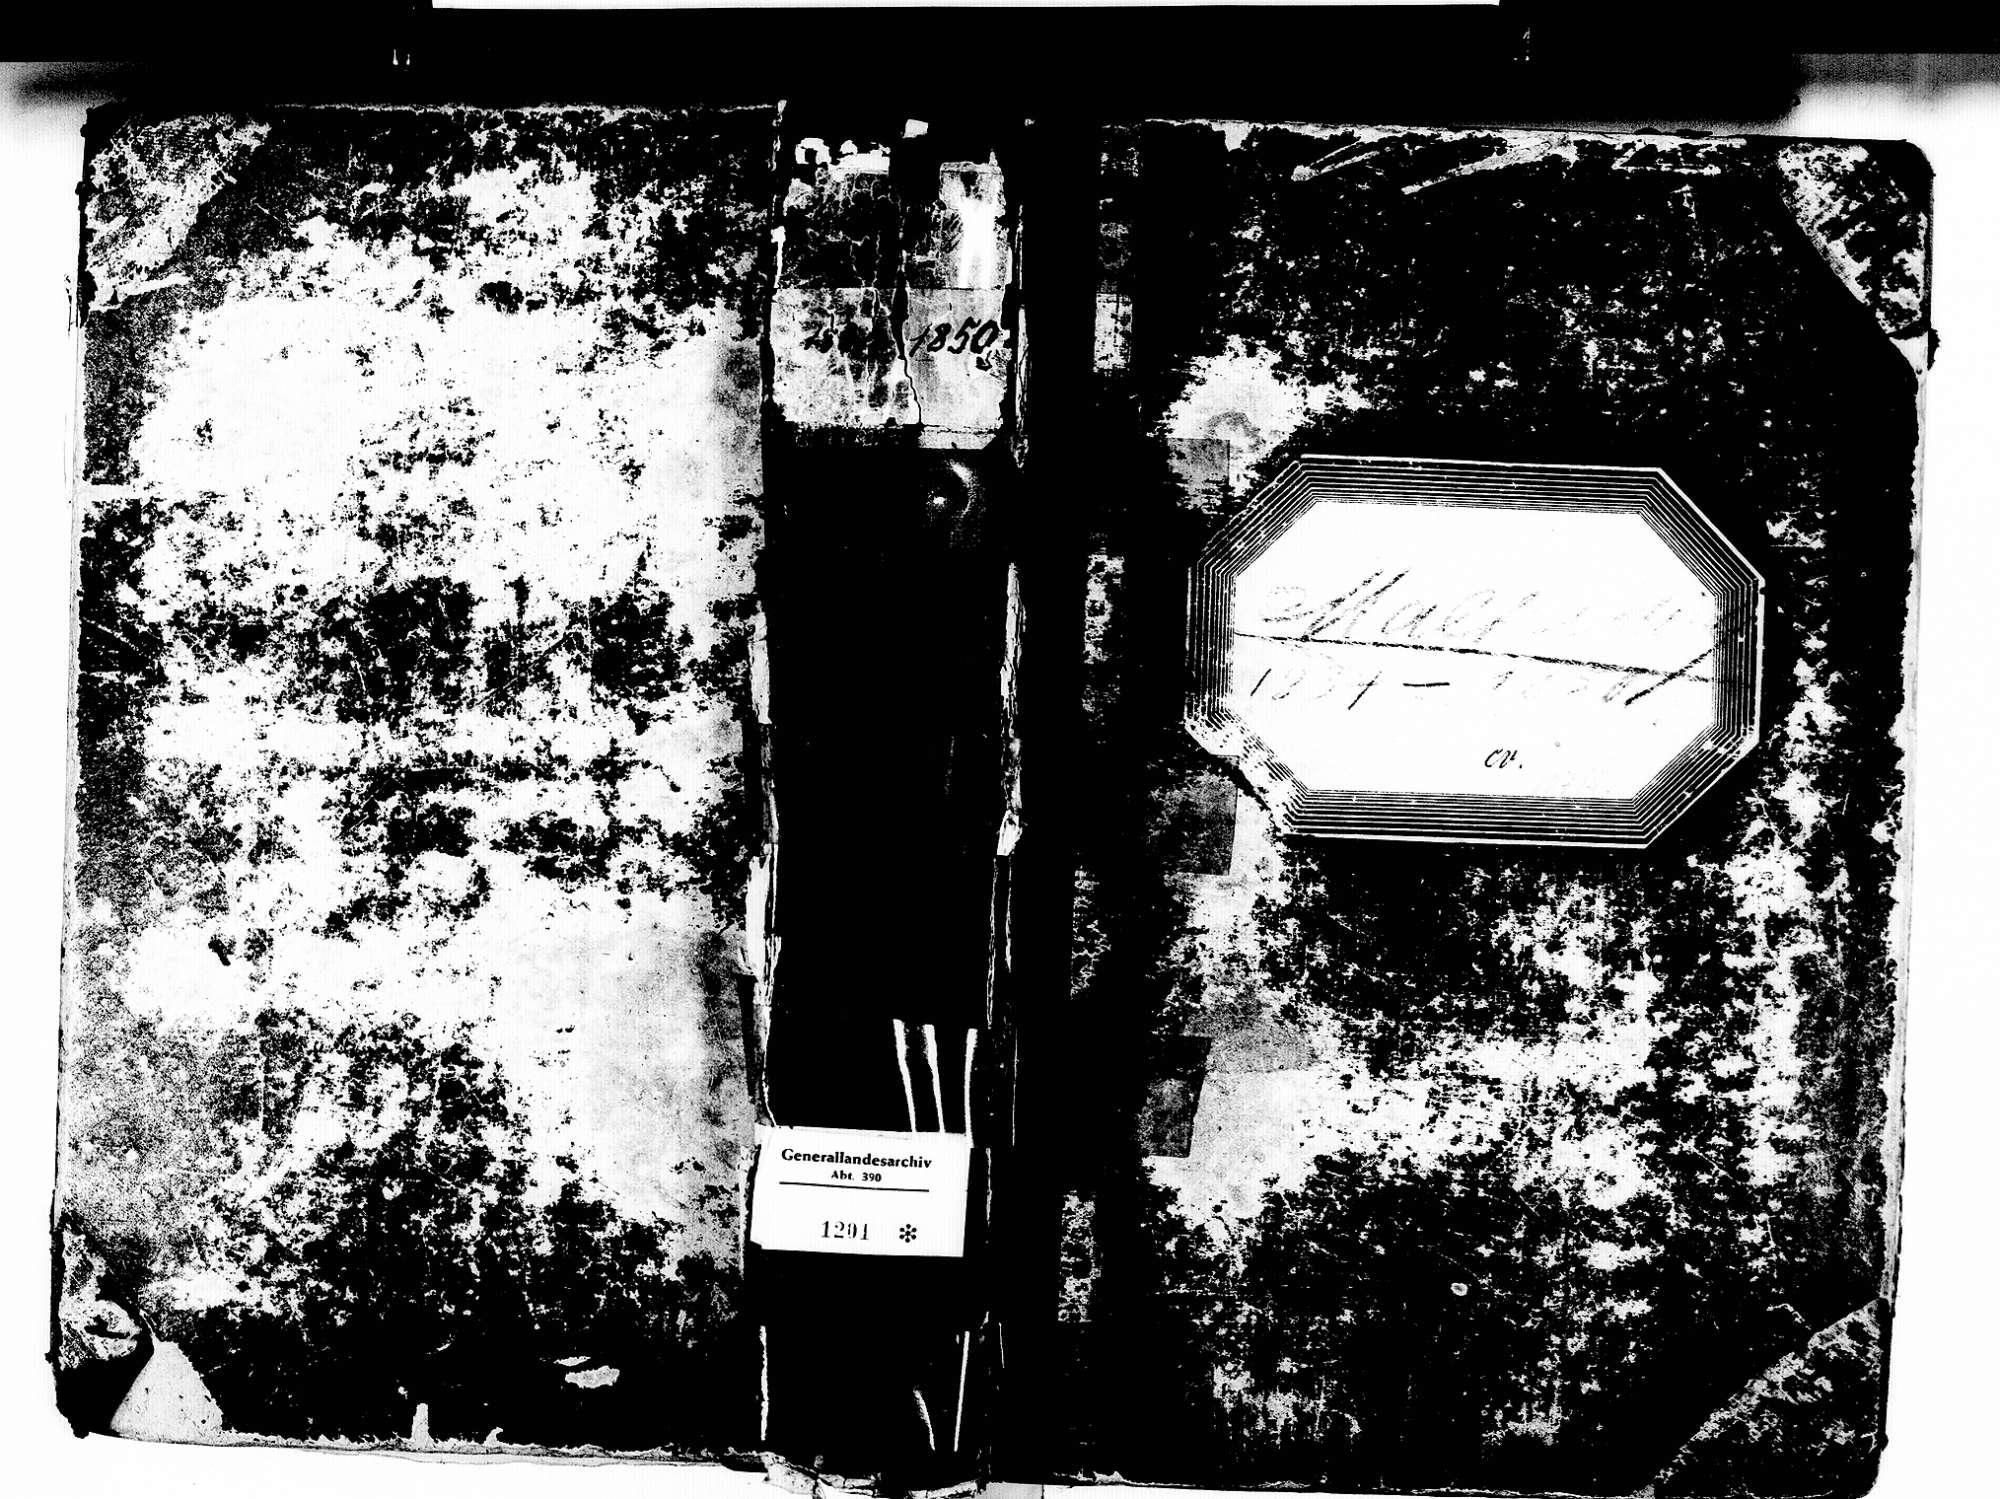 Malterdingen EM; Evangelische Gemeinde: Standesbuch 1834-1850 Enthält: Einzelne Katholische Einträge, Bild 1